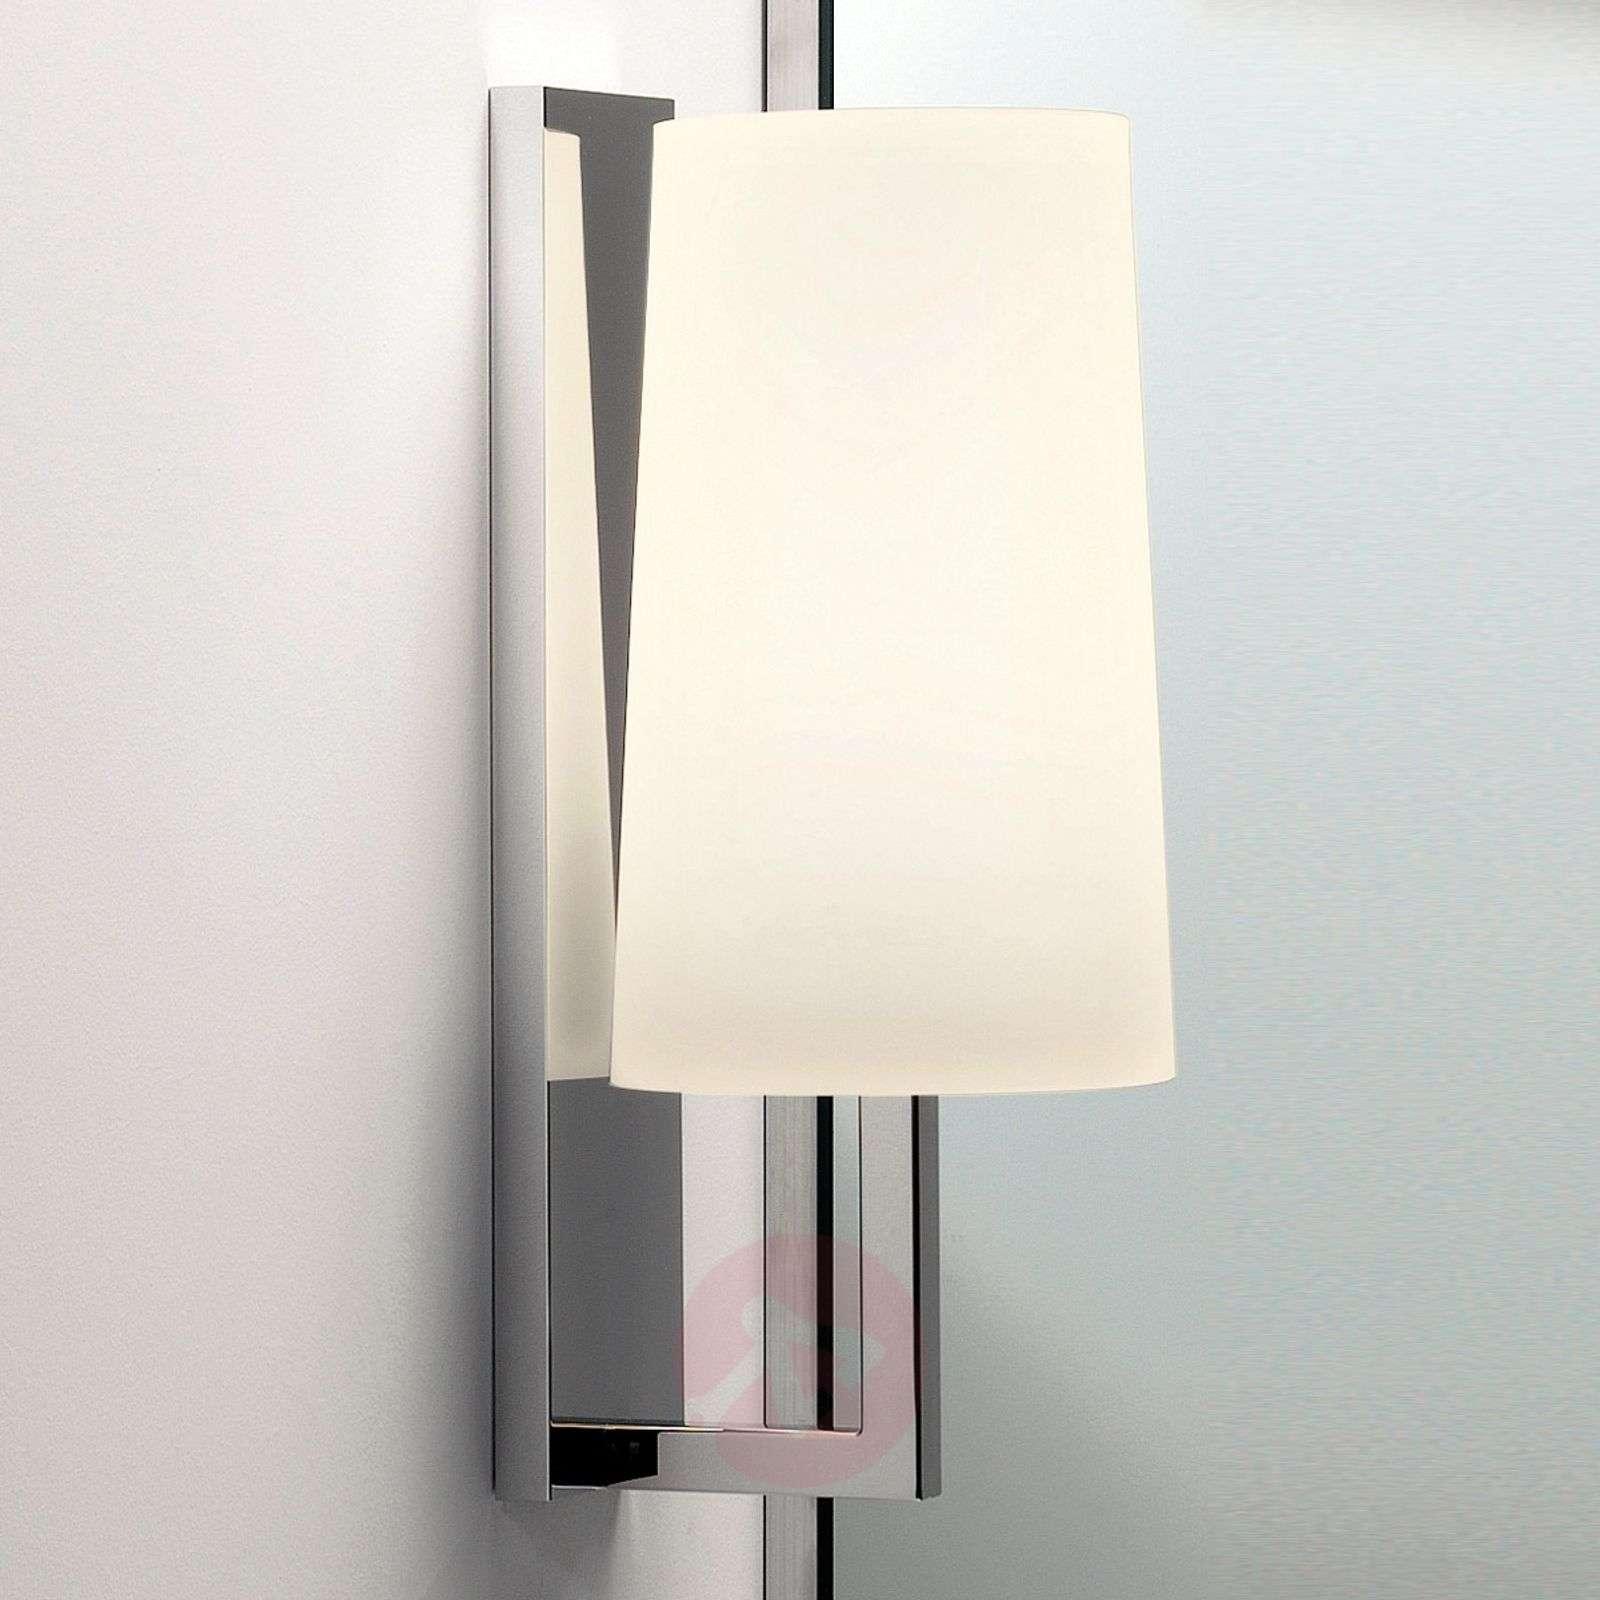 Riva Wall Light Elegant-1020405-01